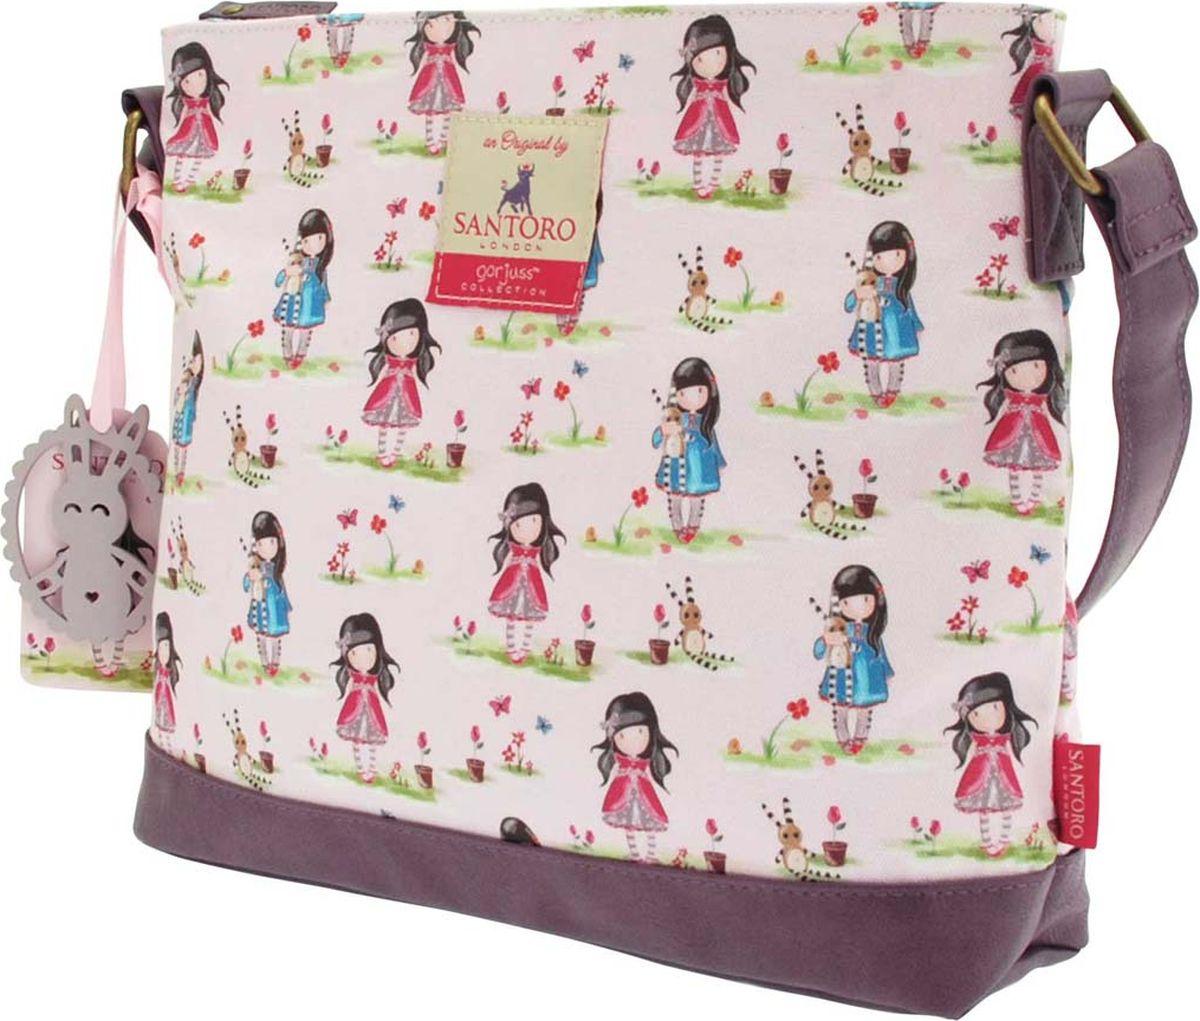 Santoro Сумка детская на плечо Pastel Print Ladybird0012574Красивая детская сумка Santoro Pastel Print Ladybird с регулируем ремешком - идеальна для покупок или путешествия, работы или учебы.Обязательный модный аксессуар для каждой девочки!Сумка Pastel Print Ladybird выполнена вручную.Материал: внешний: 100% хлопок, подкладка: 100% полиэстер, отделка: 100% полиуретан.